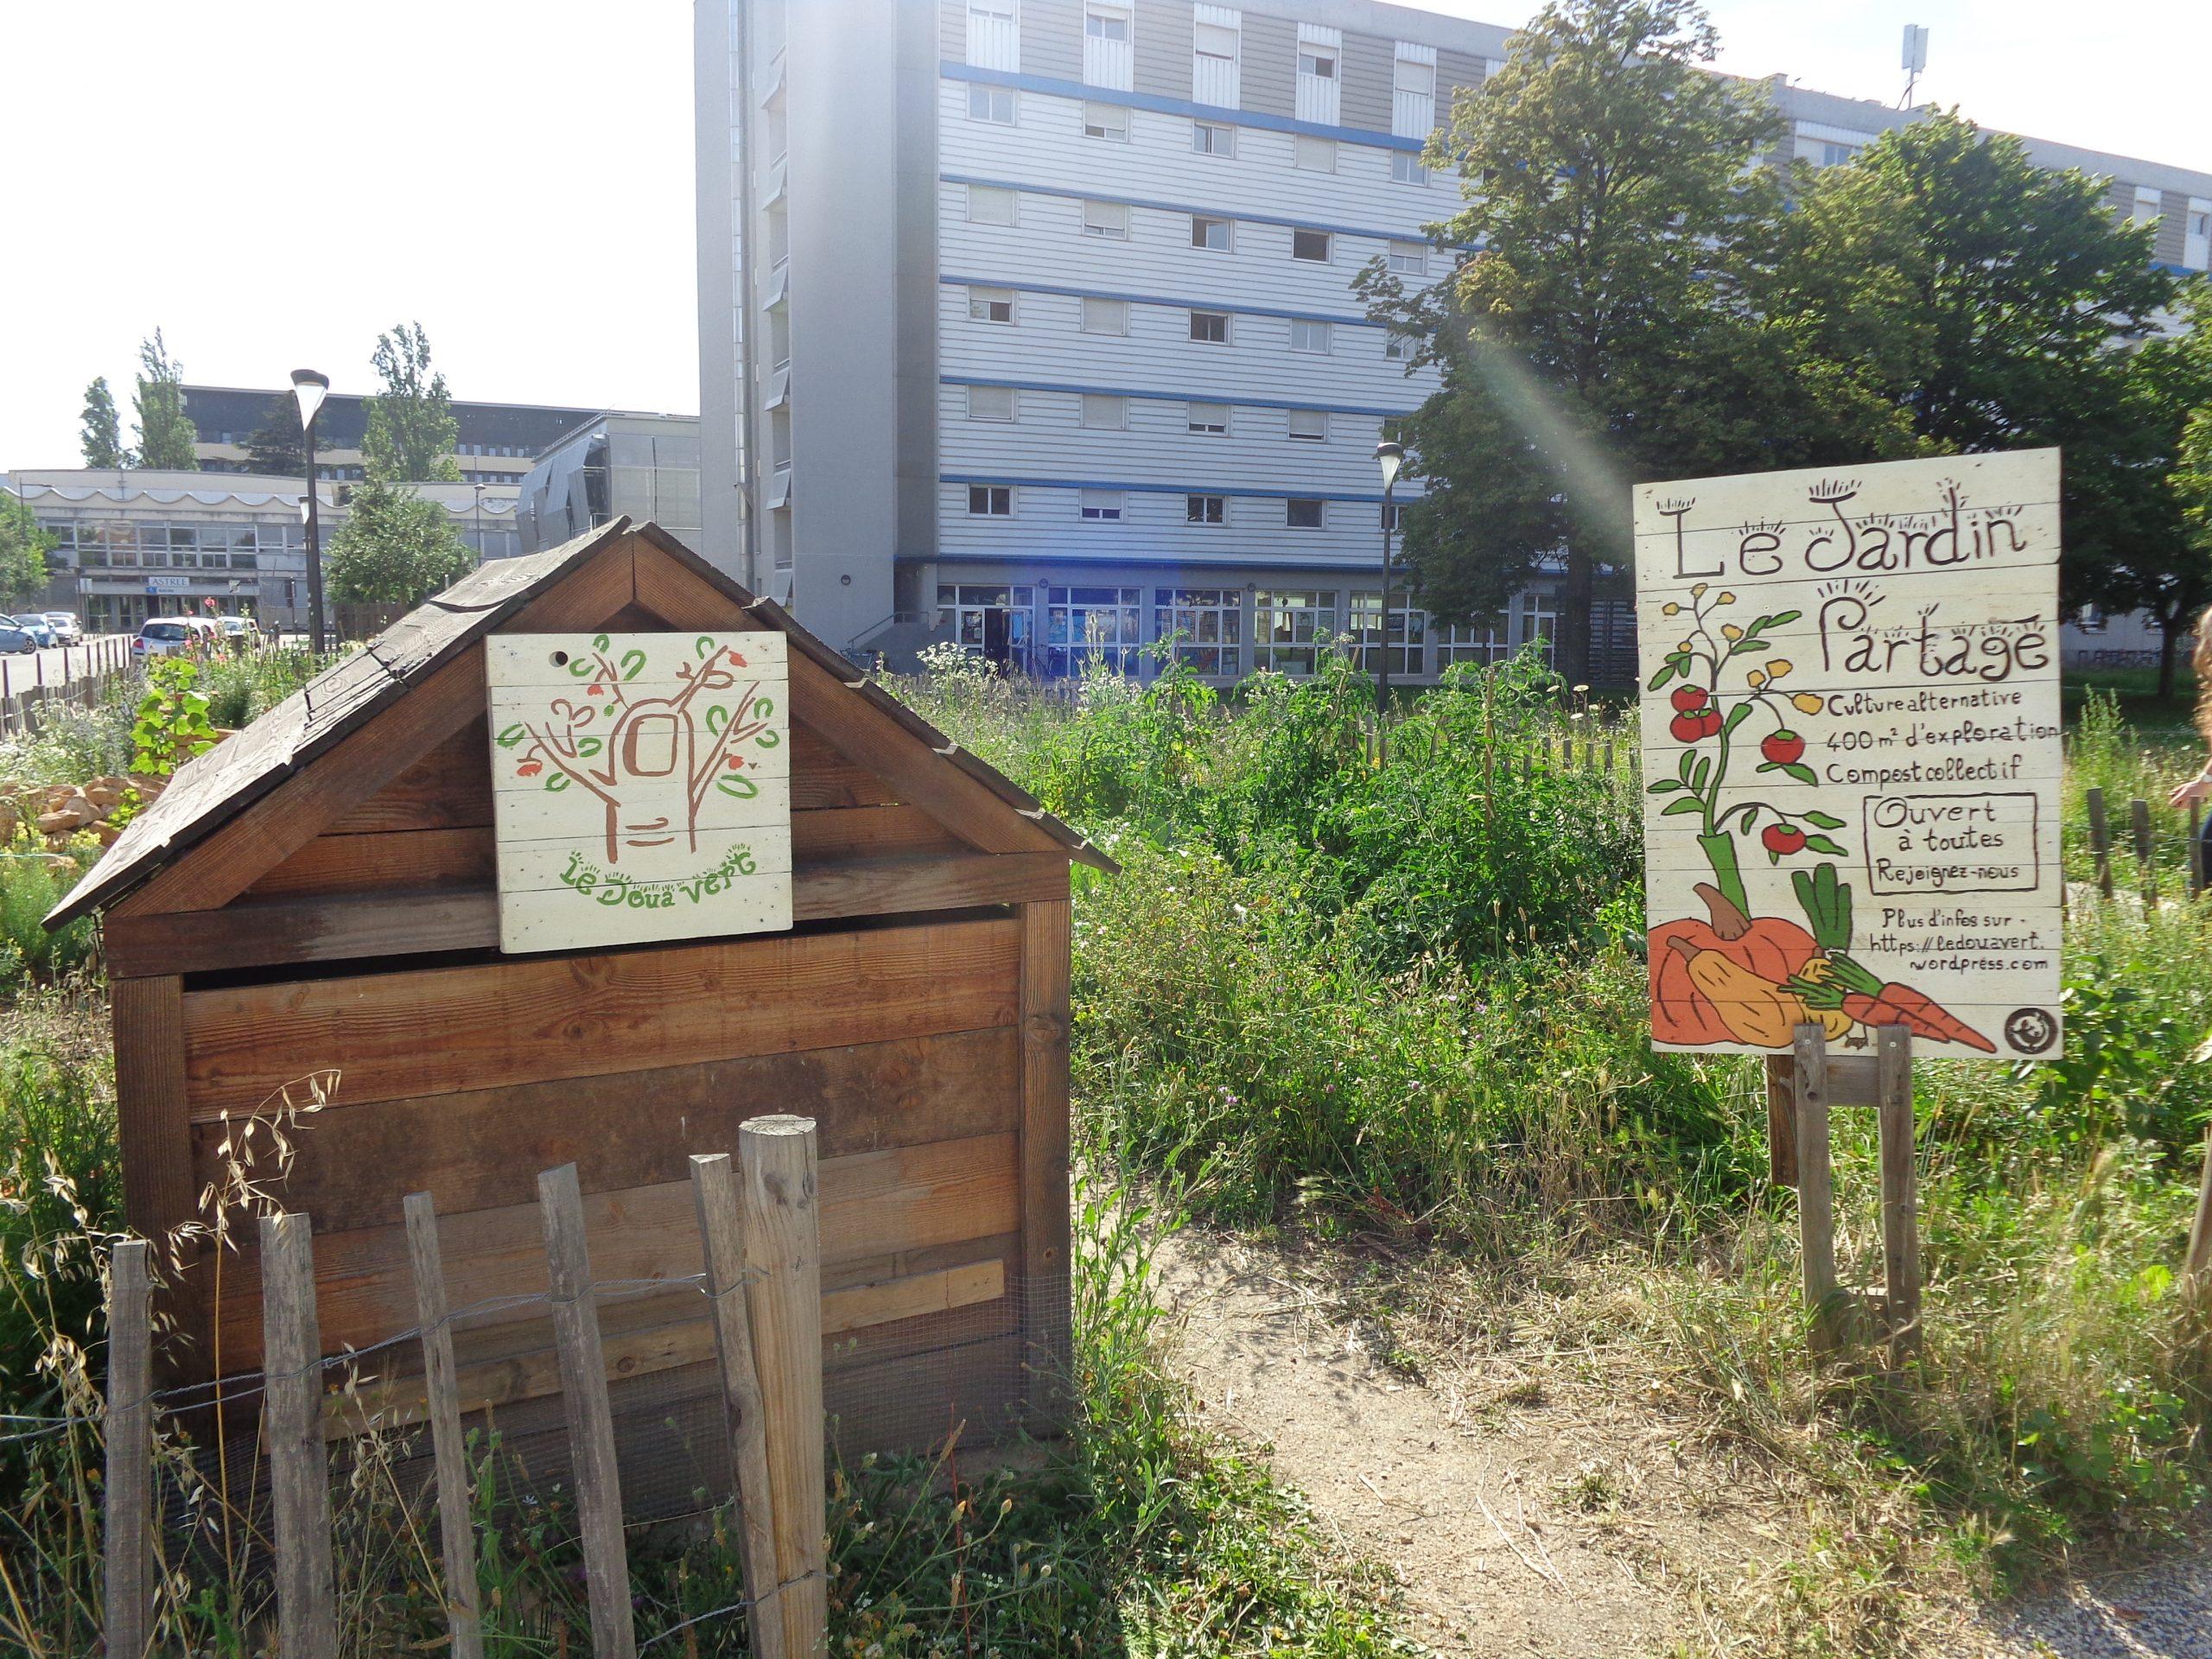 Ledouavert | Le Doua Vert destiné Composteur De Jardin